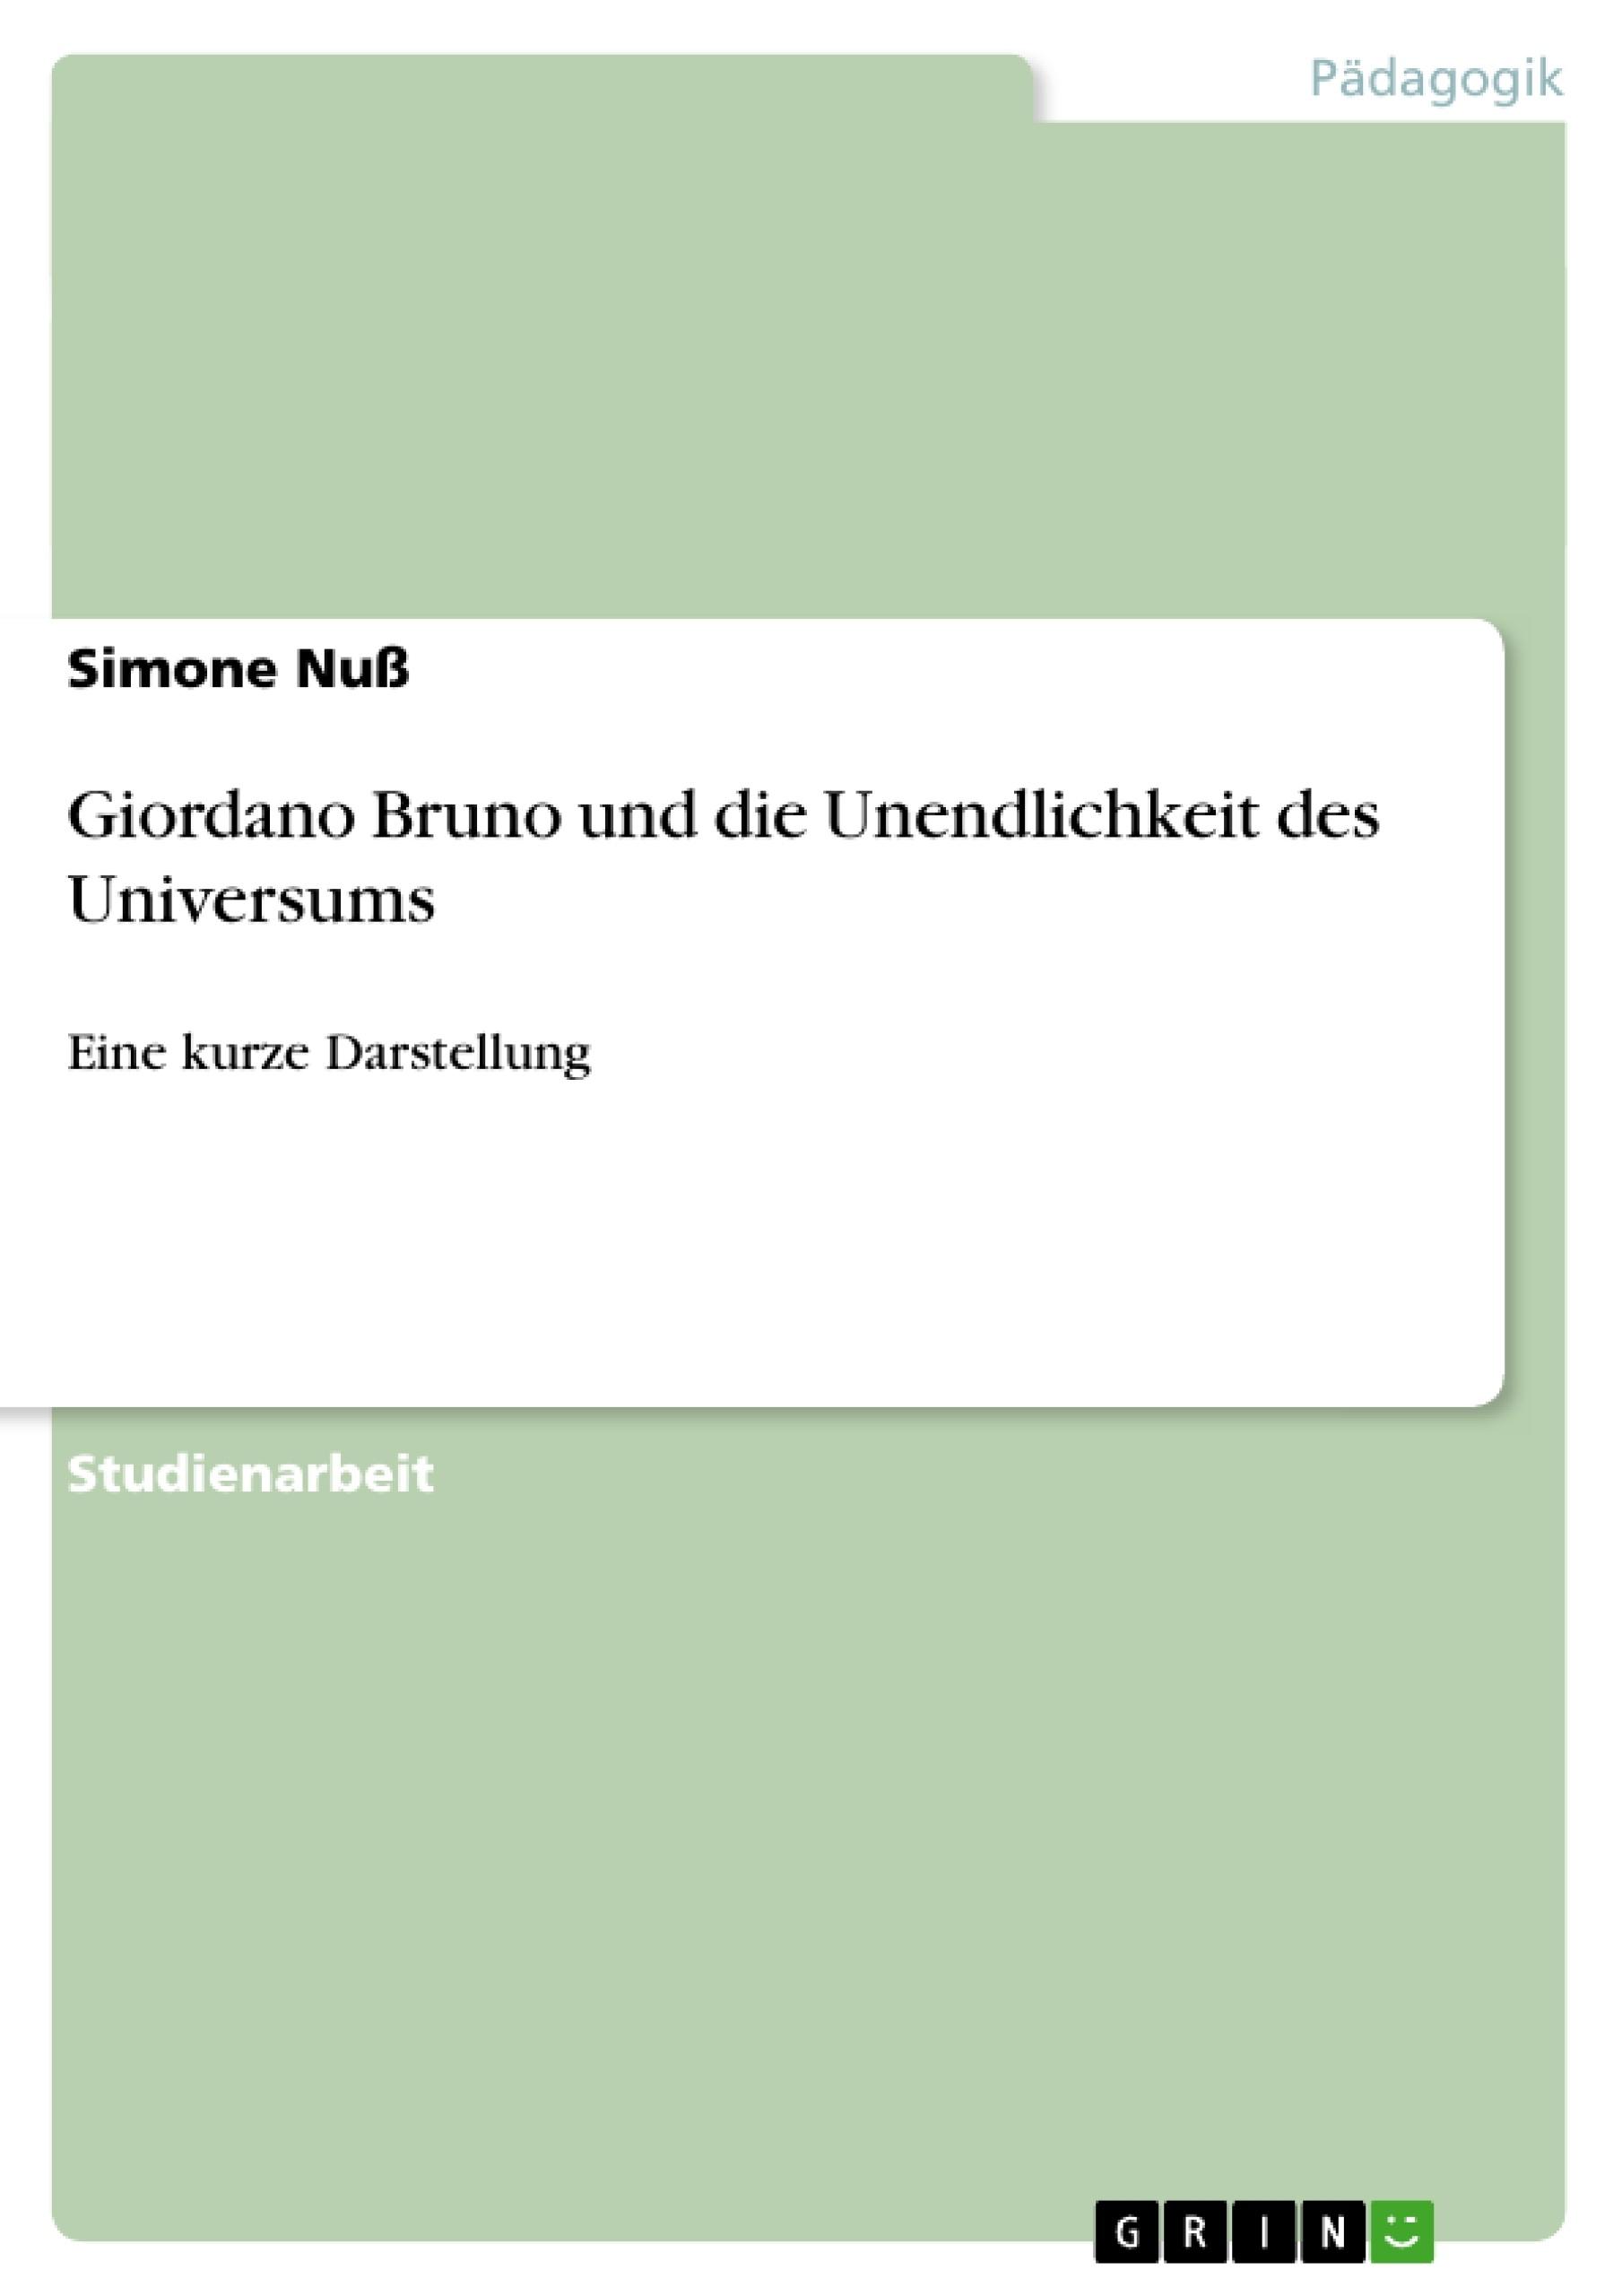 Titel: Giordano Bruno und die Unendlichkeit des Universums